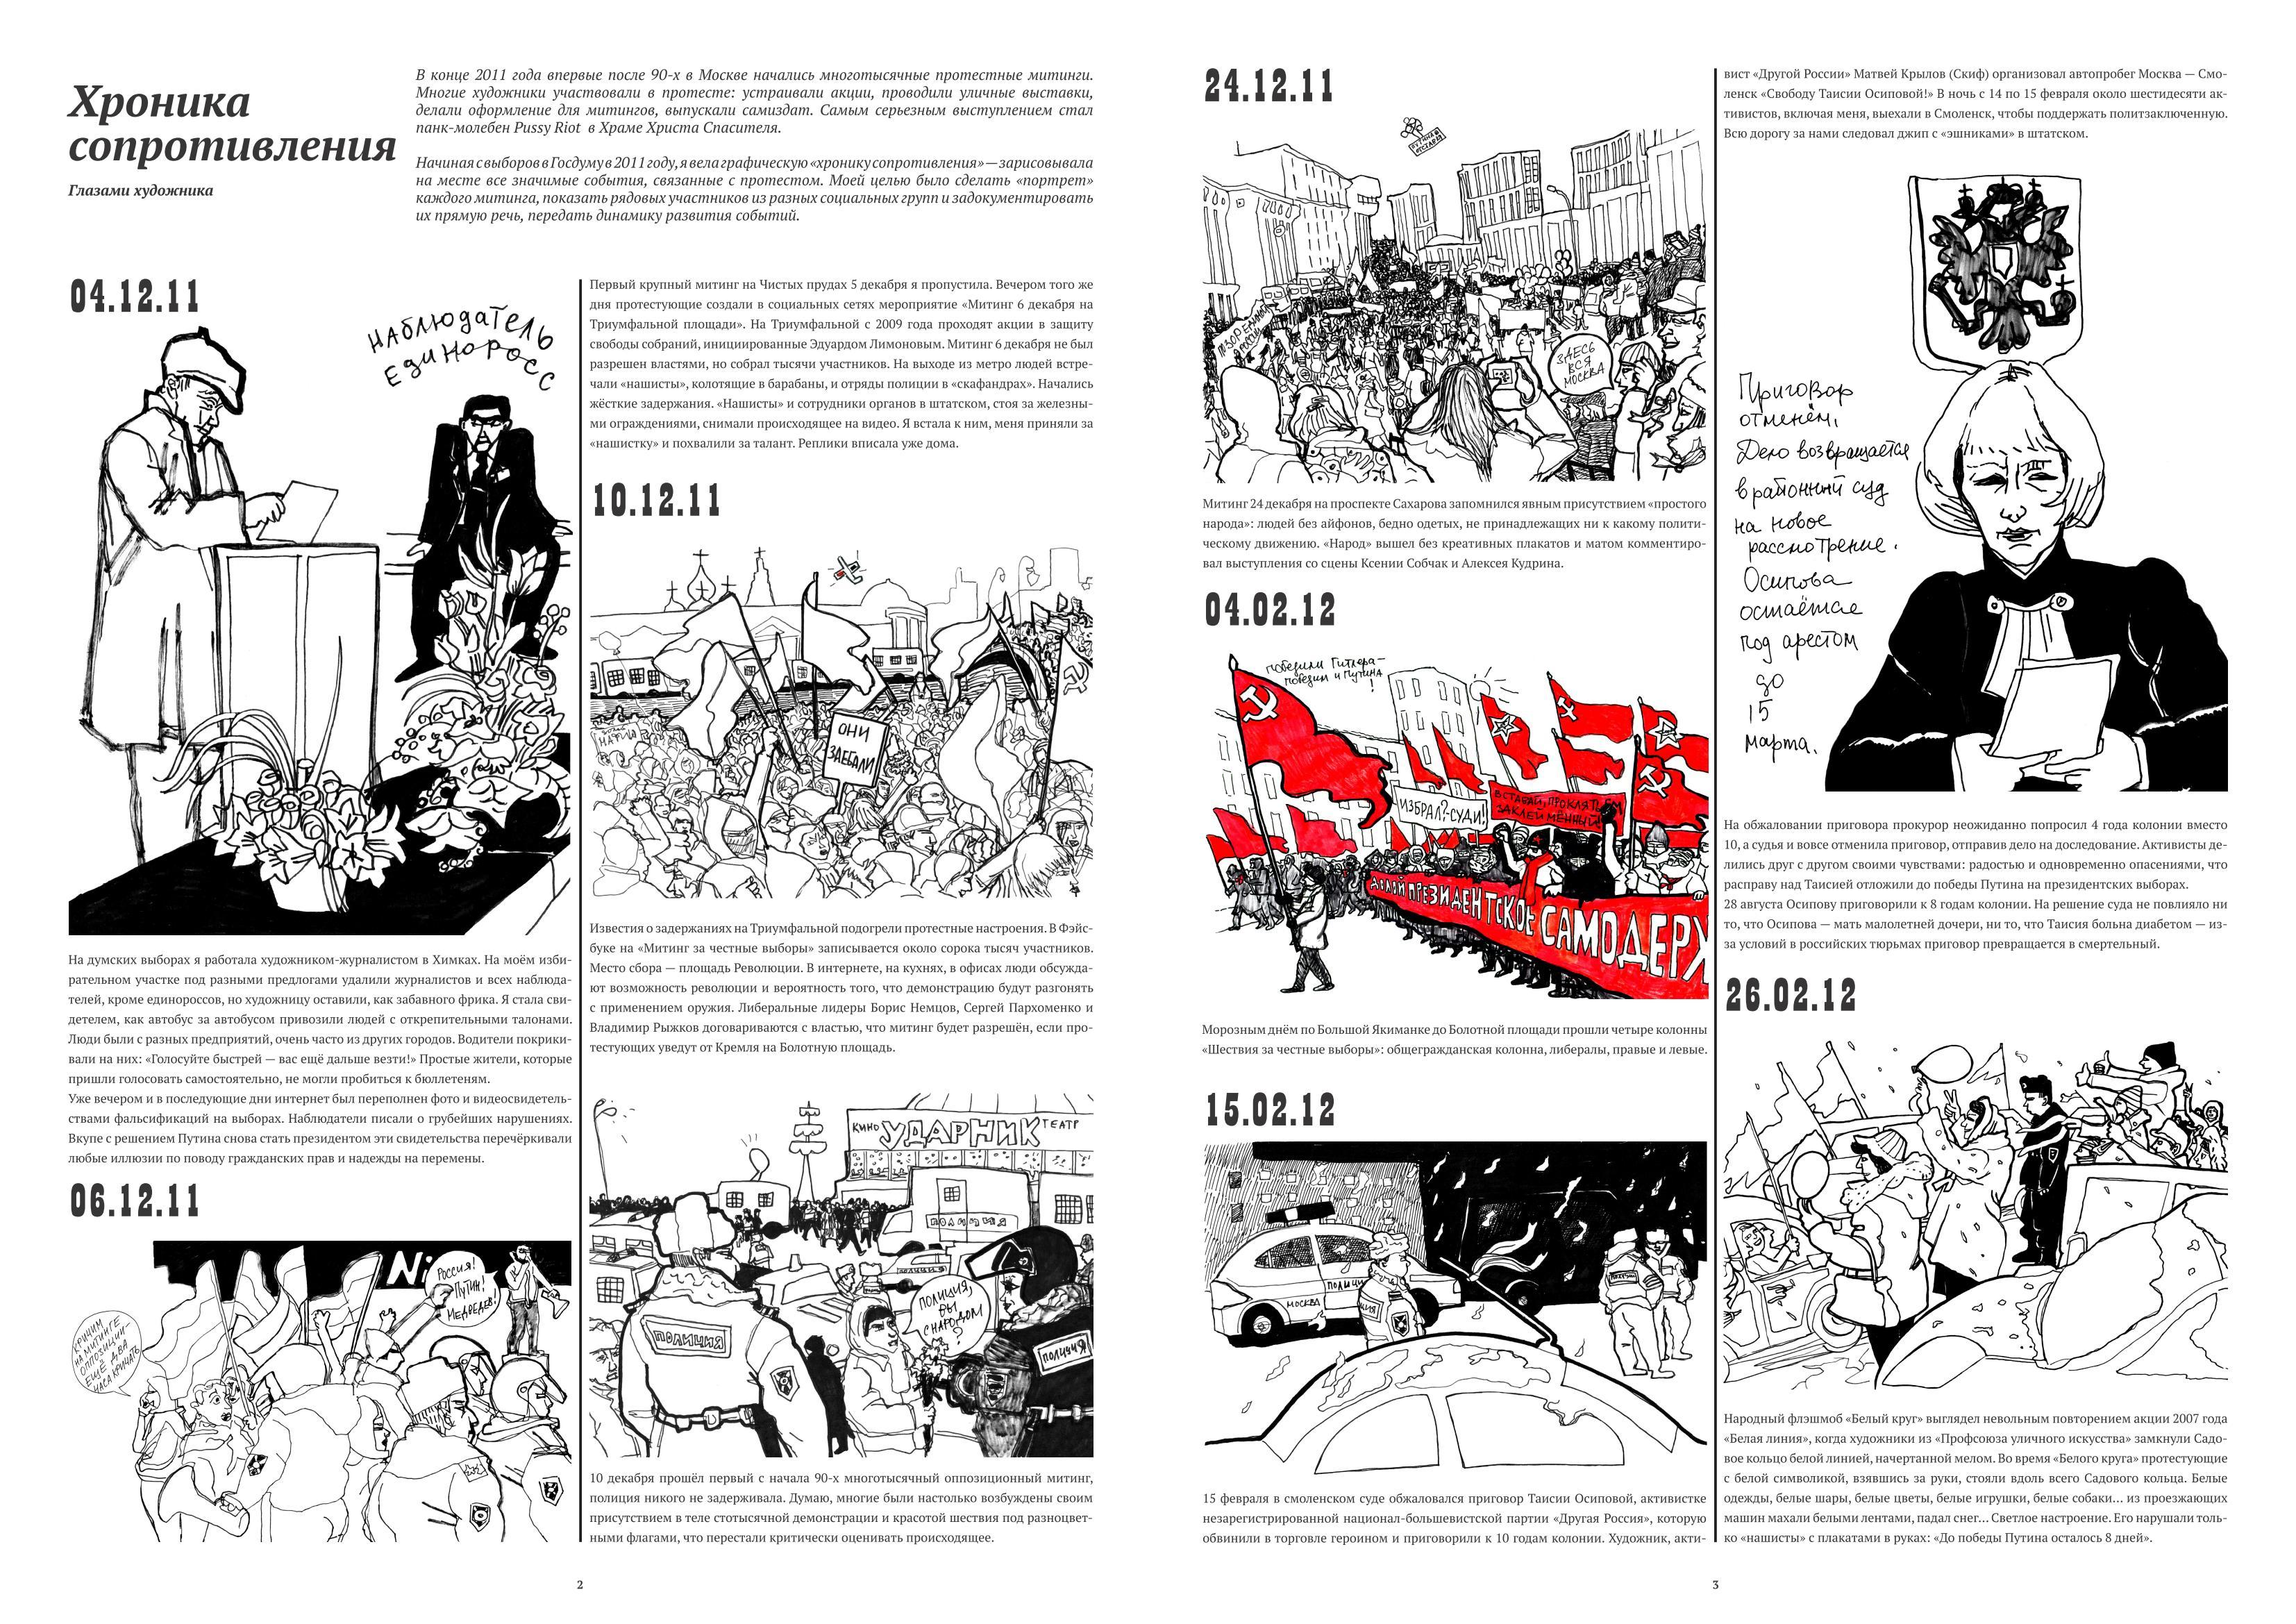 Es haben sich neue, spezifisch russische Genres entwickelt, wie die dokumentarisch-journalistische Graphic Reportage. Comic © Victoria Lomasko